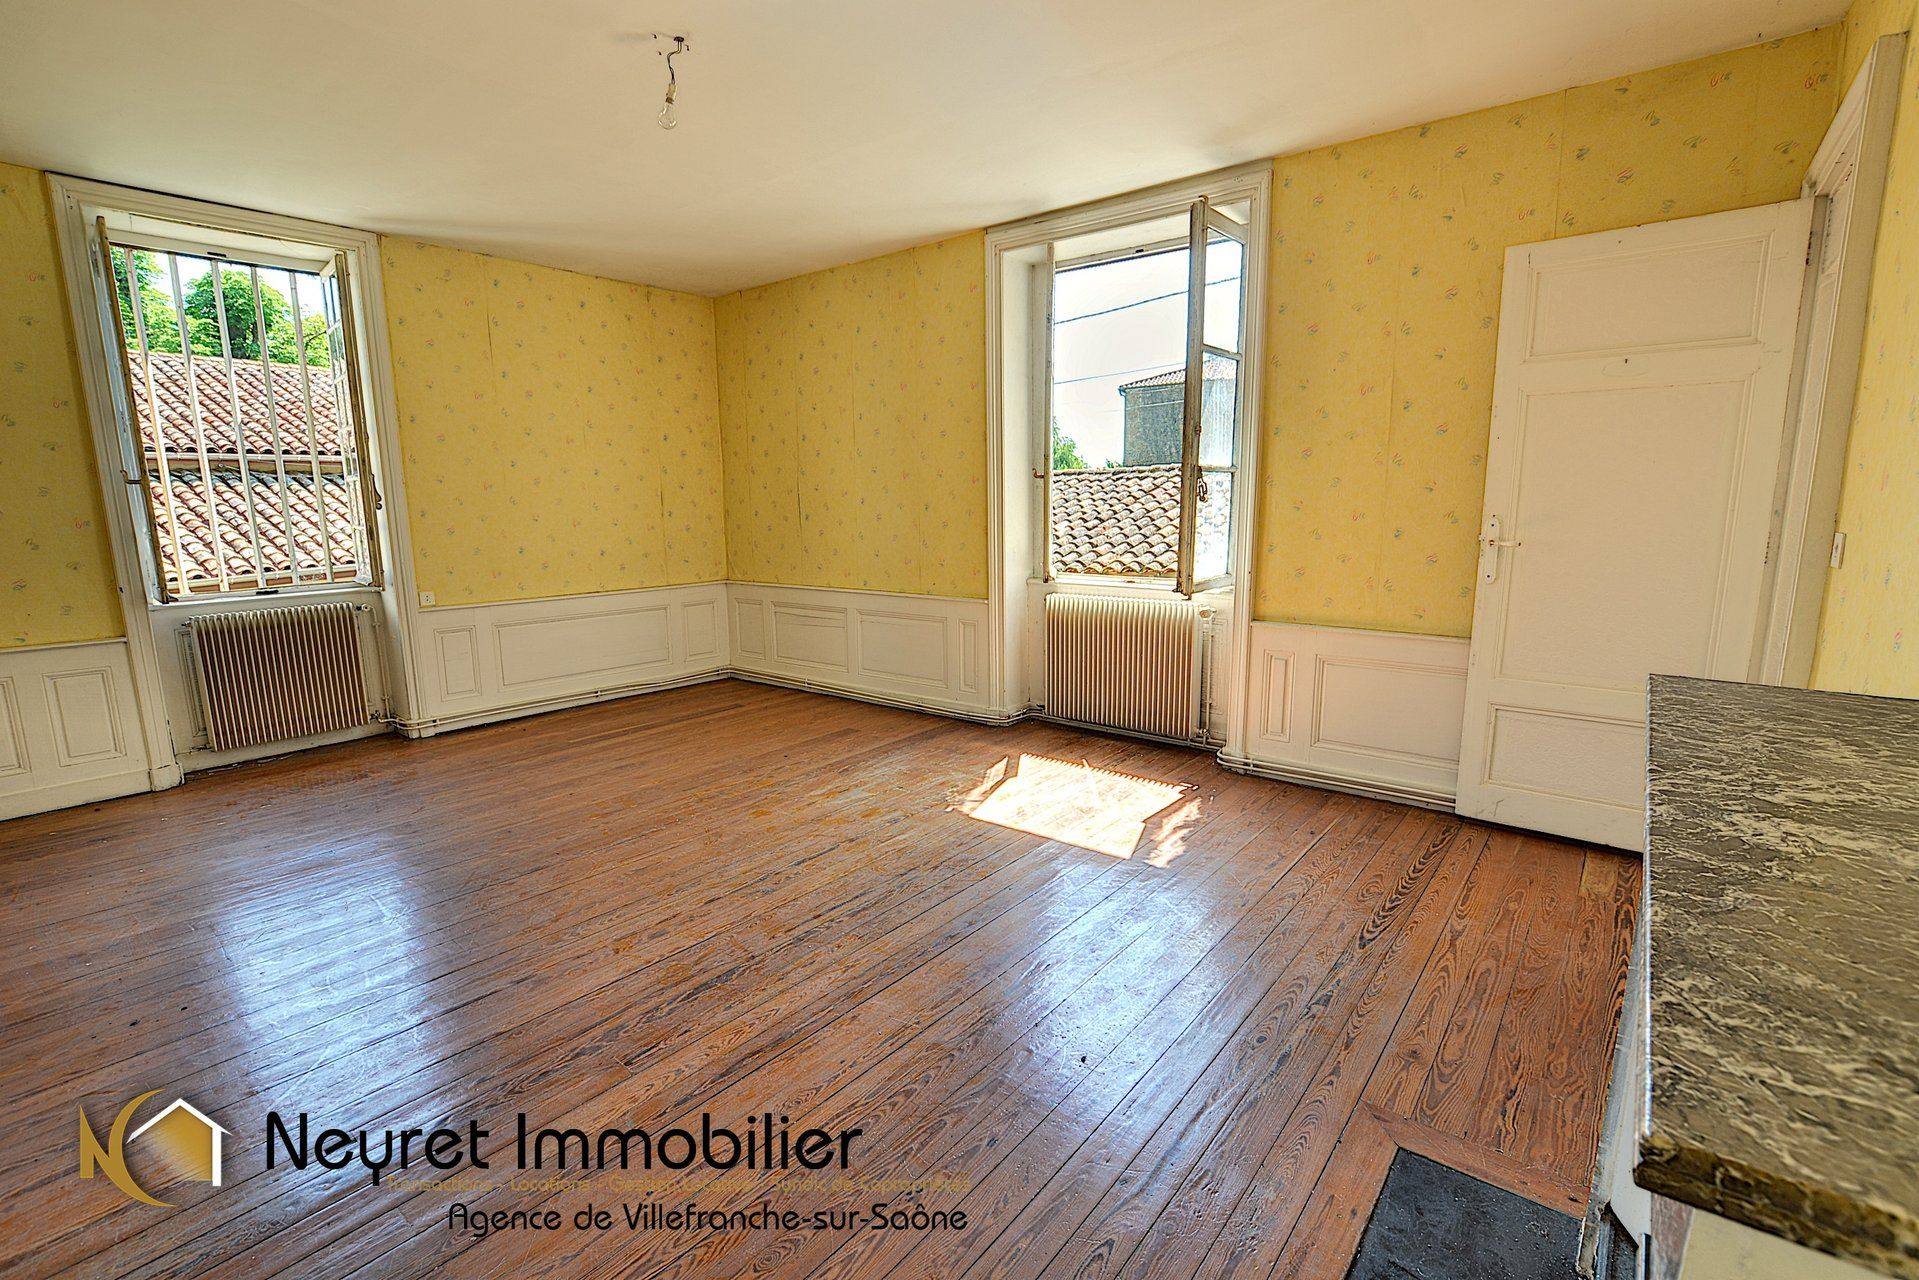 Appartement à aménager dans bâtisse en pierres dorées